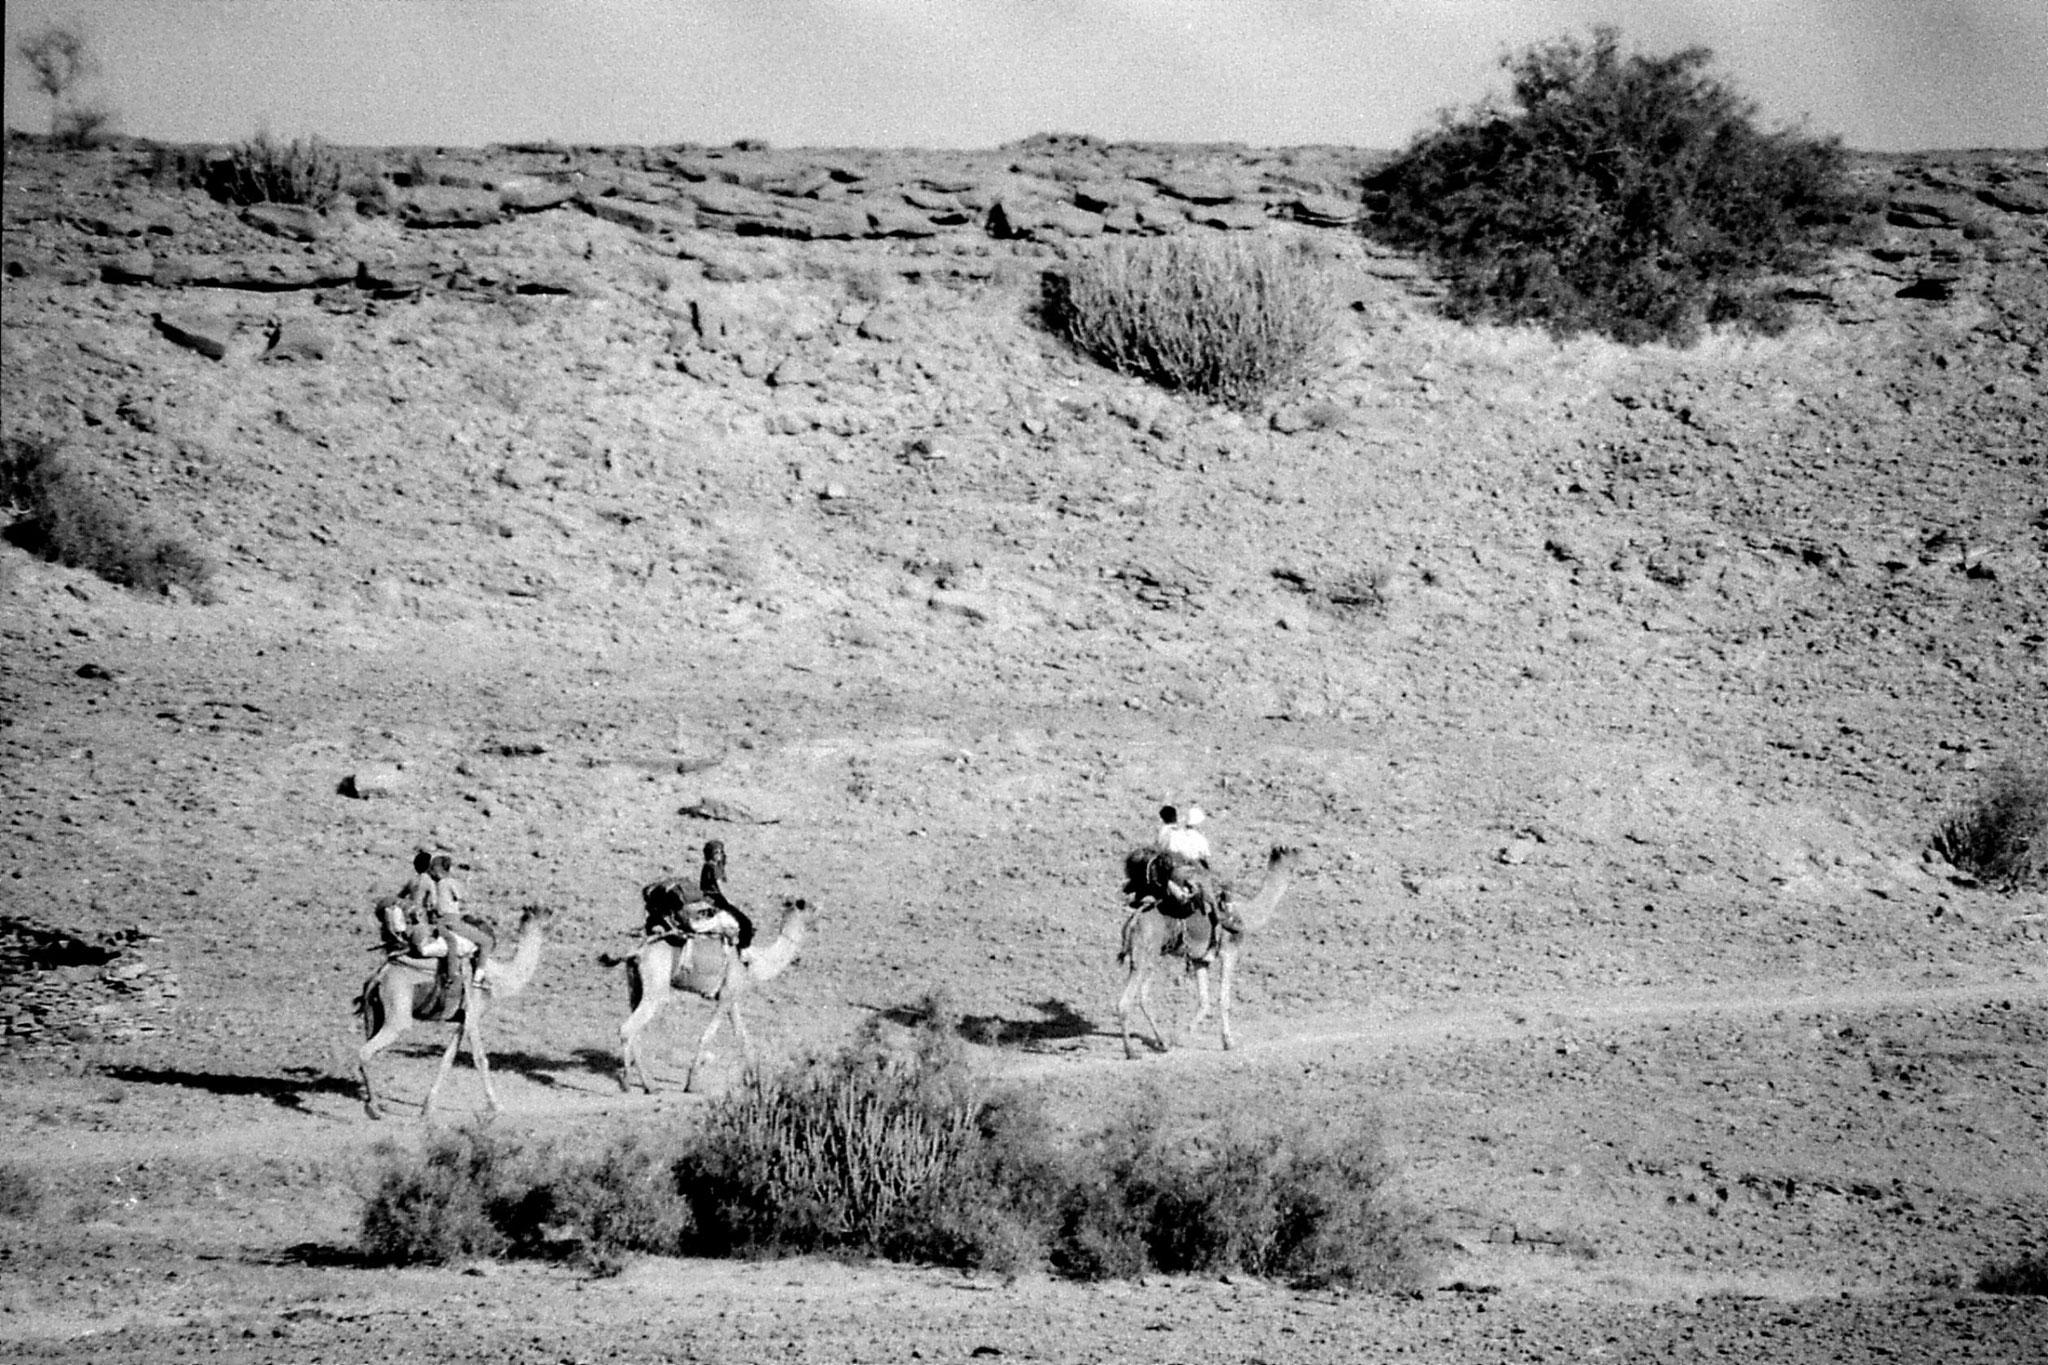 4/12/1989: 4: Jaisalmer camels